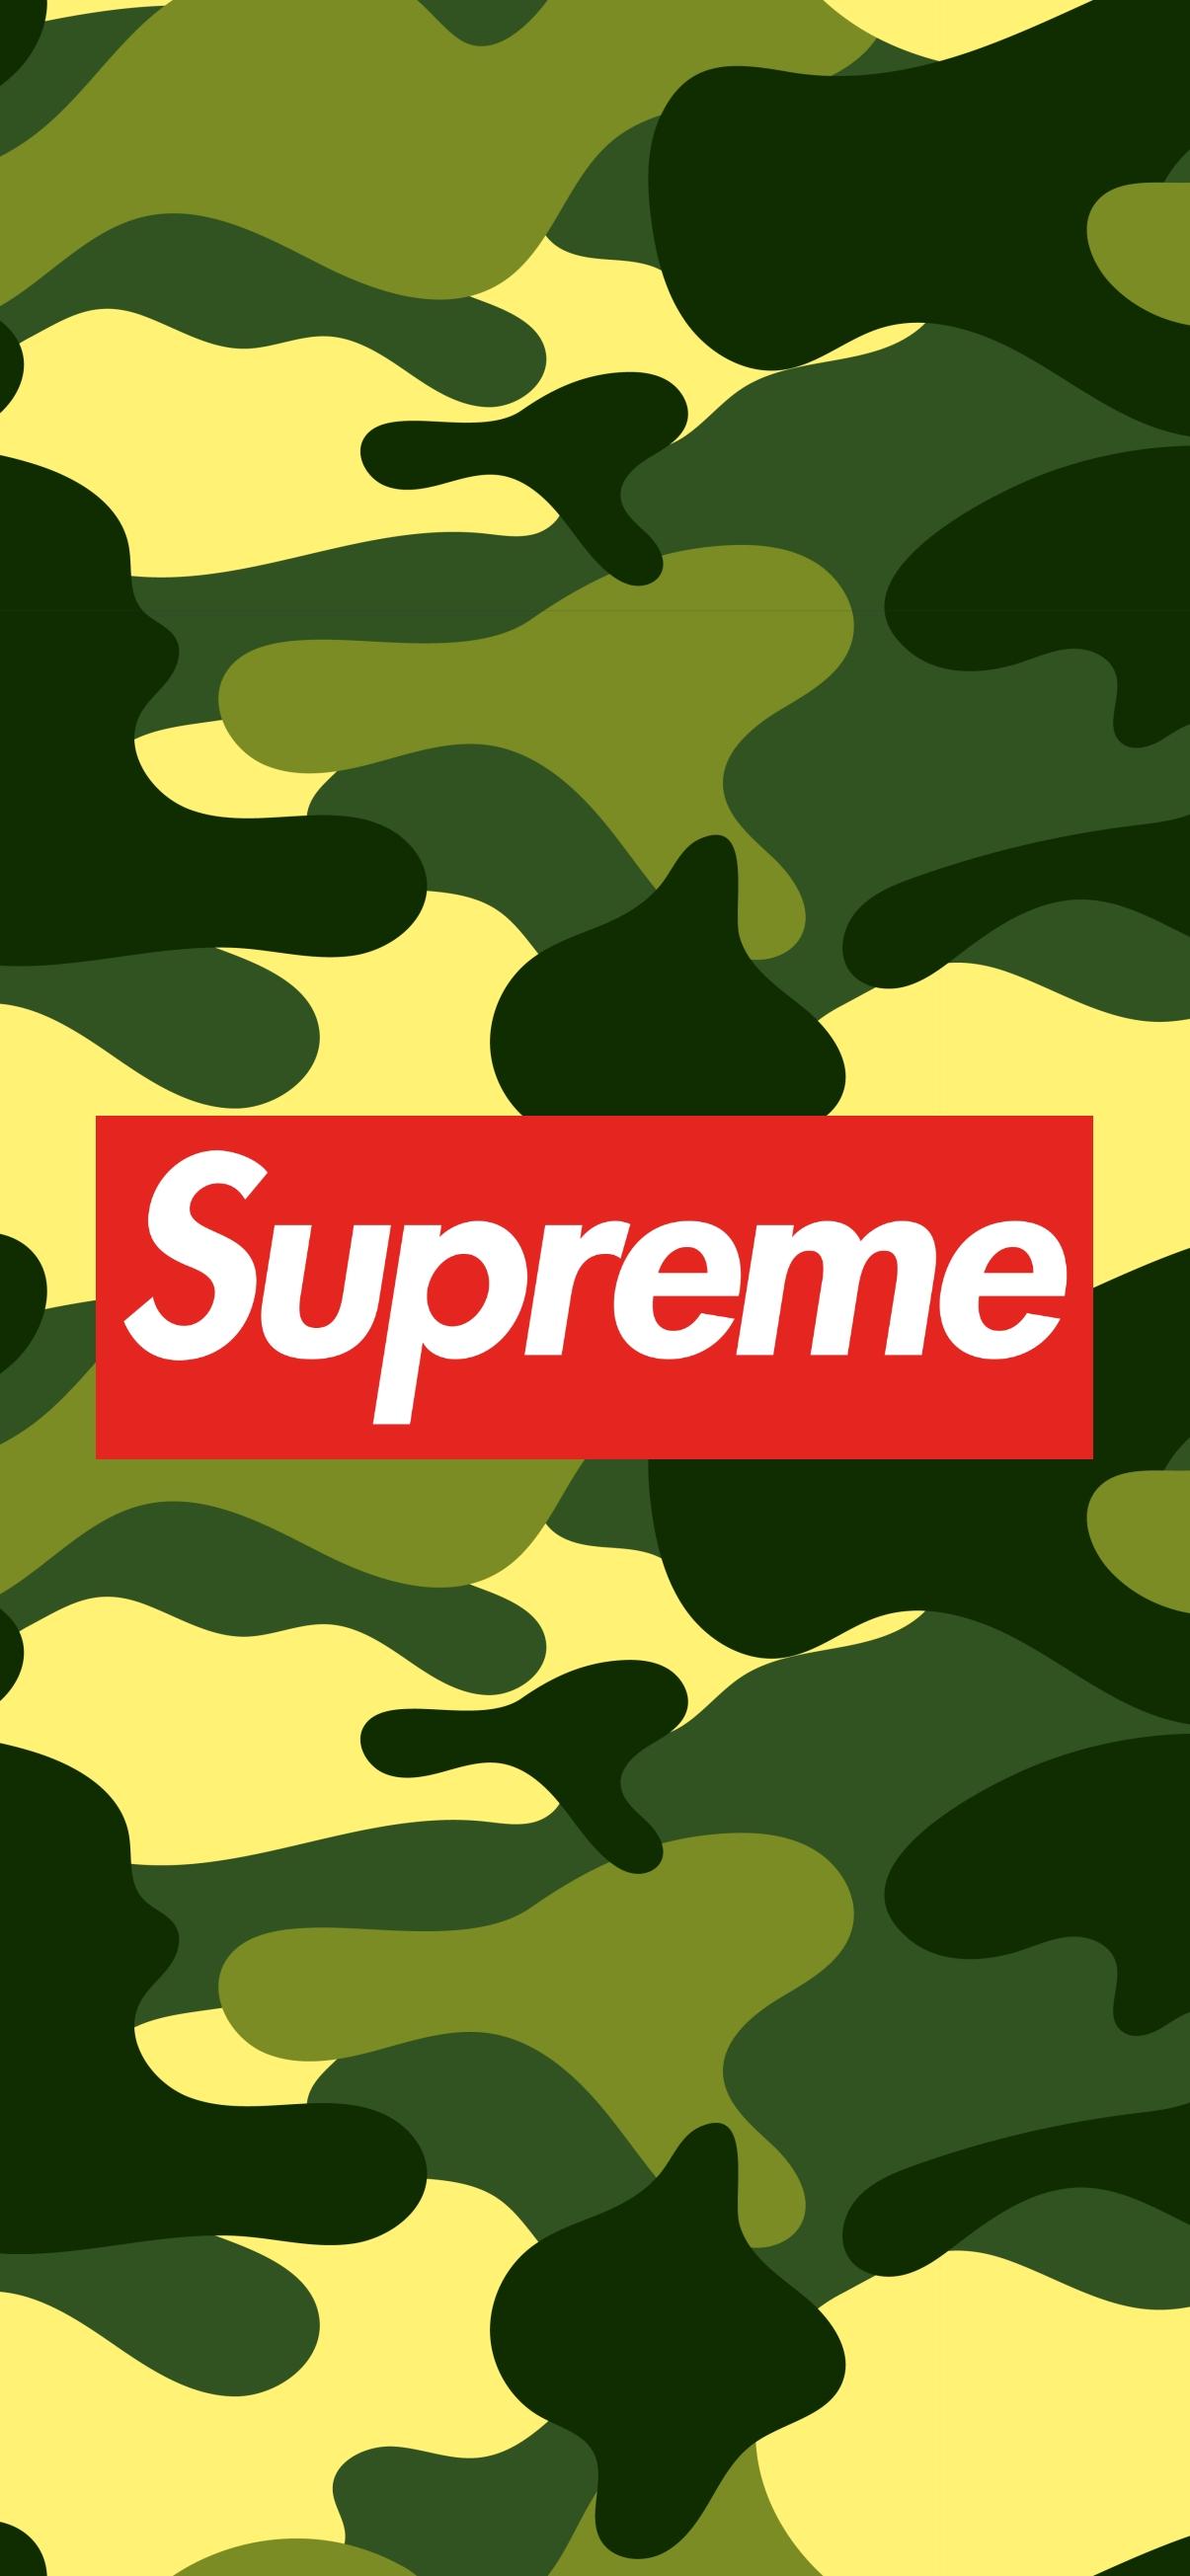 supreme camo camouflage wallpaper hd 1205 x 2609